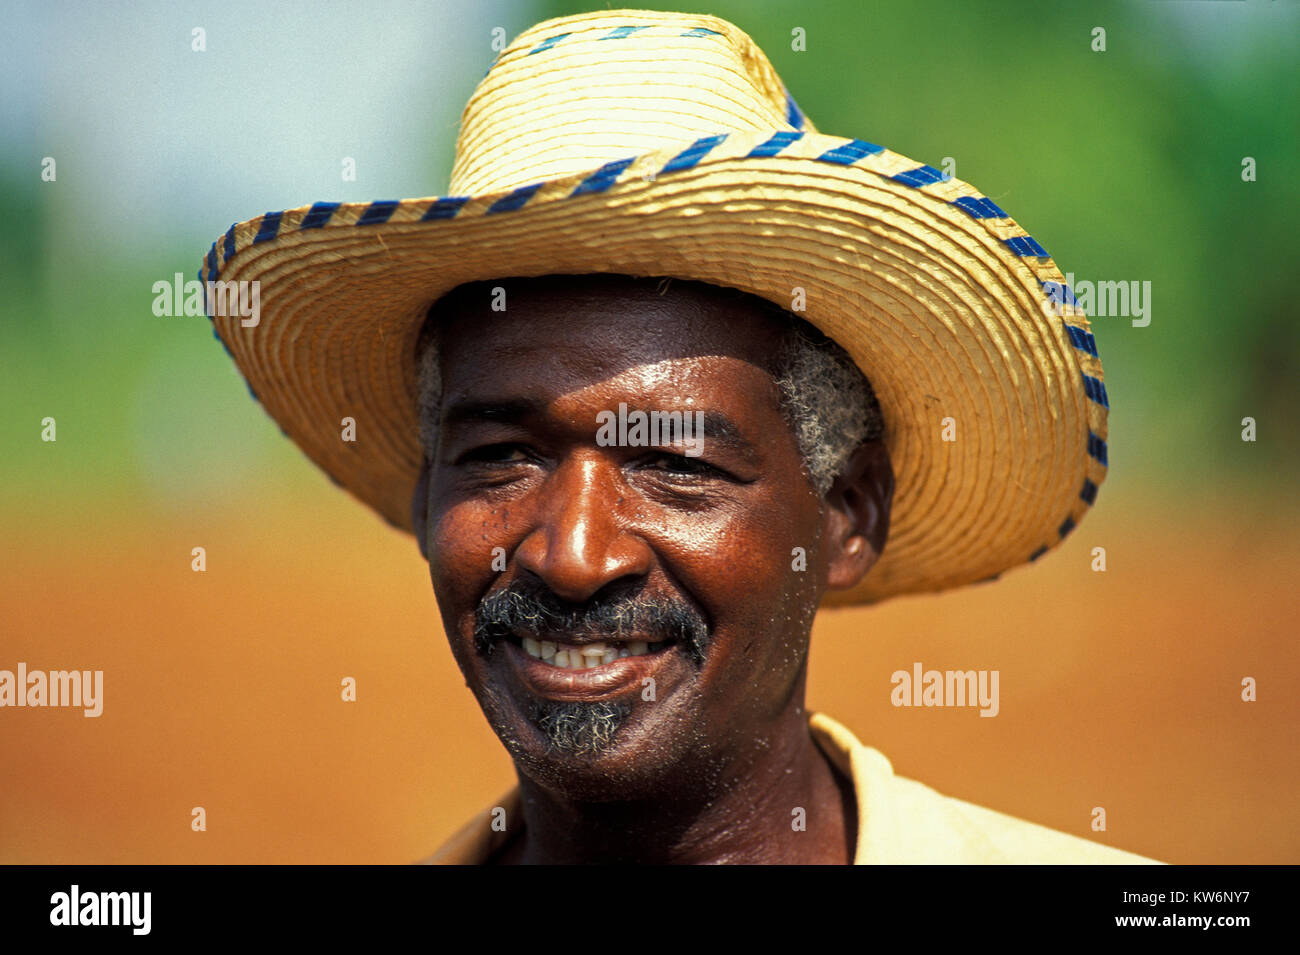 Portrait of a farmer, Cuba - Stock Image